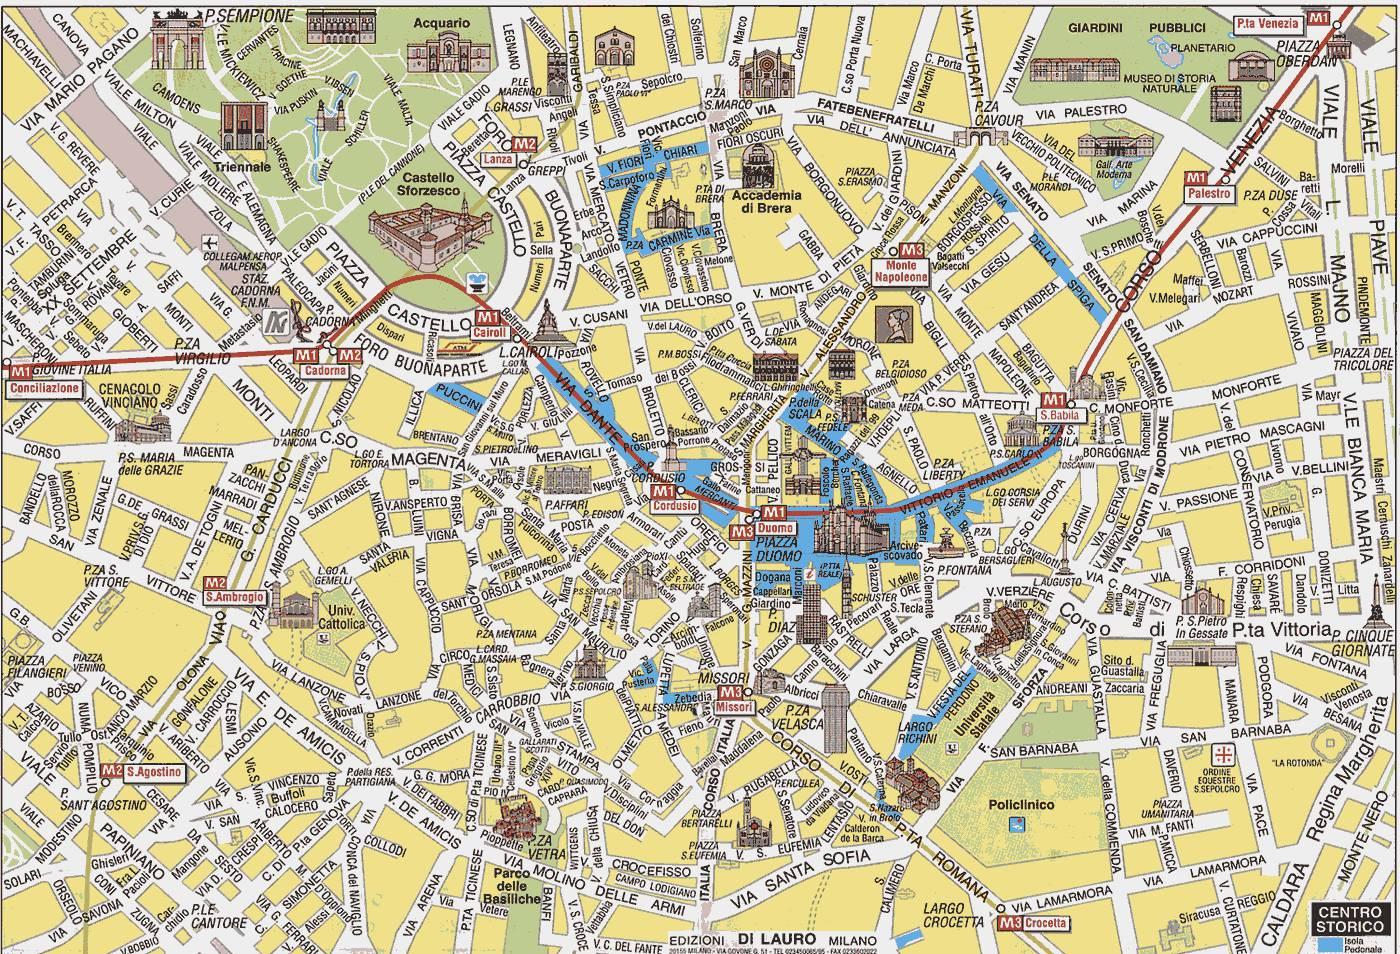 работу, подработку карта милана на русском языке с достопримечательностями сочетаясь остальным интерьерам